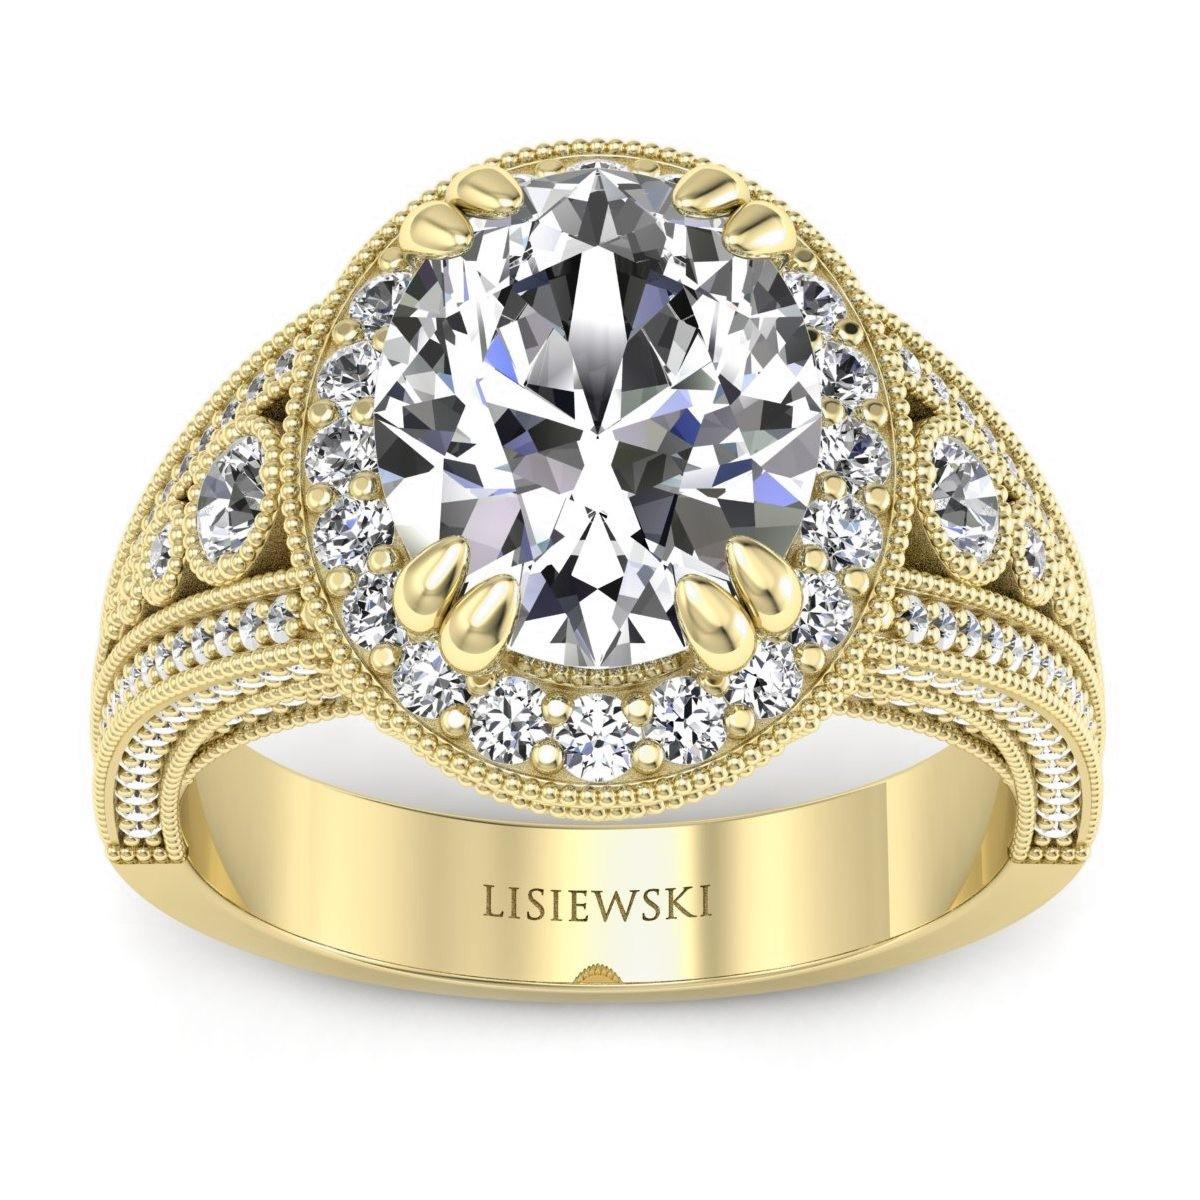 Marilyn - Pierścionek z diamentami złoty